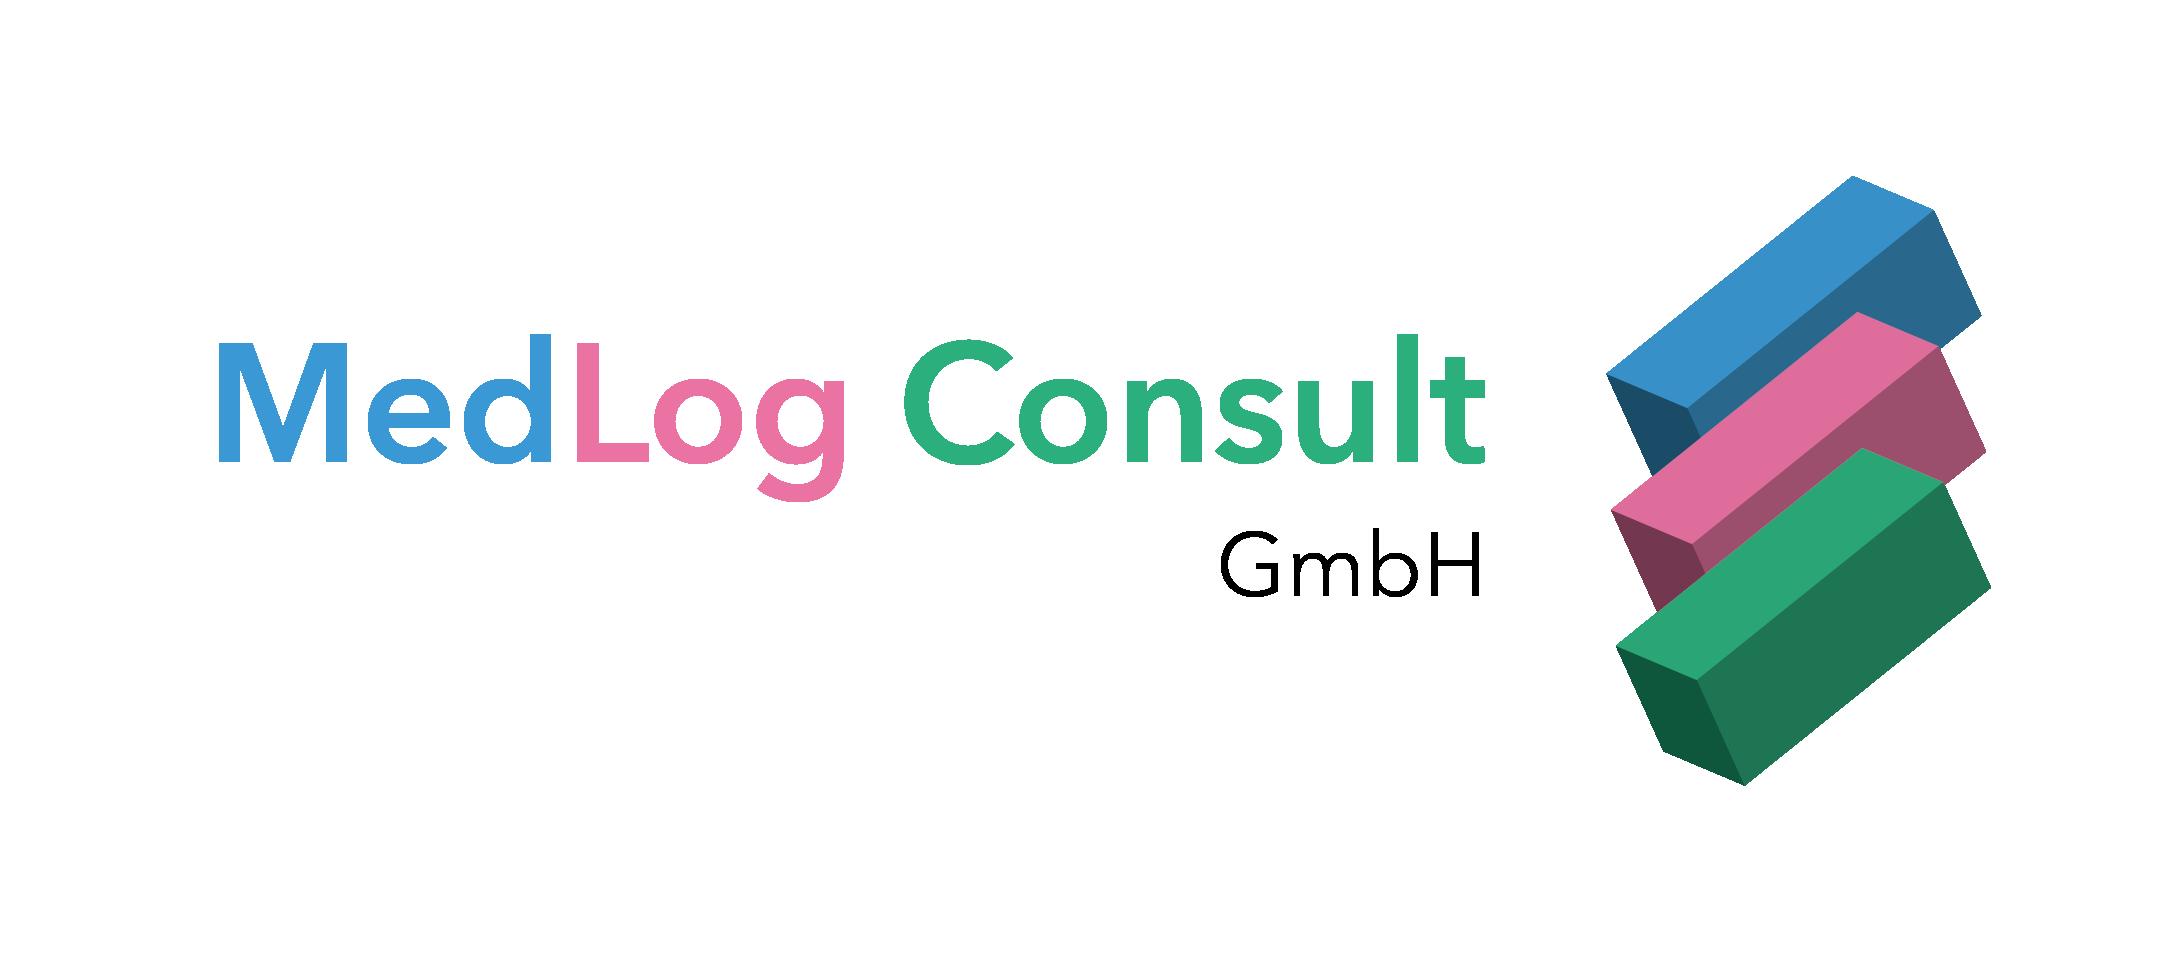 MedLog Consult GmbH